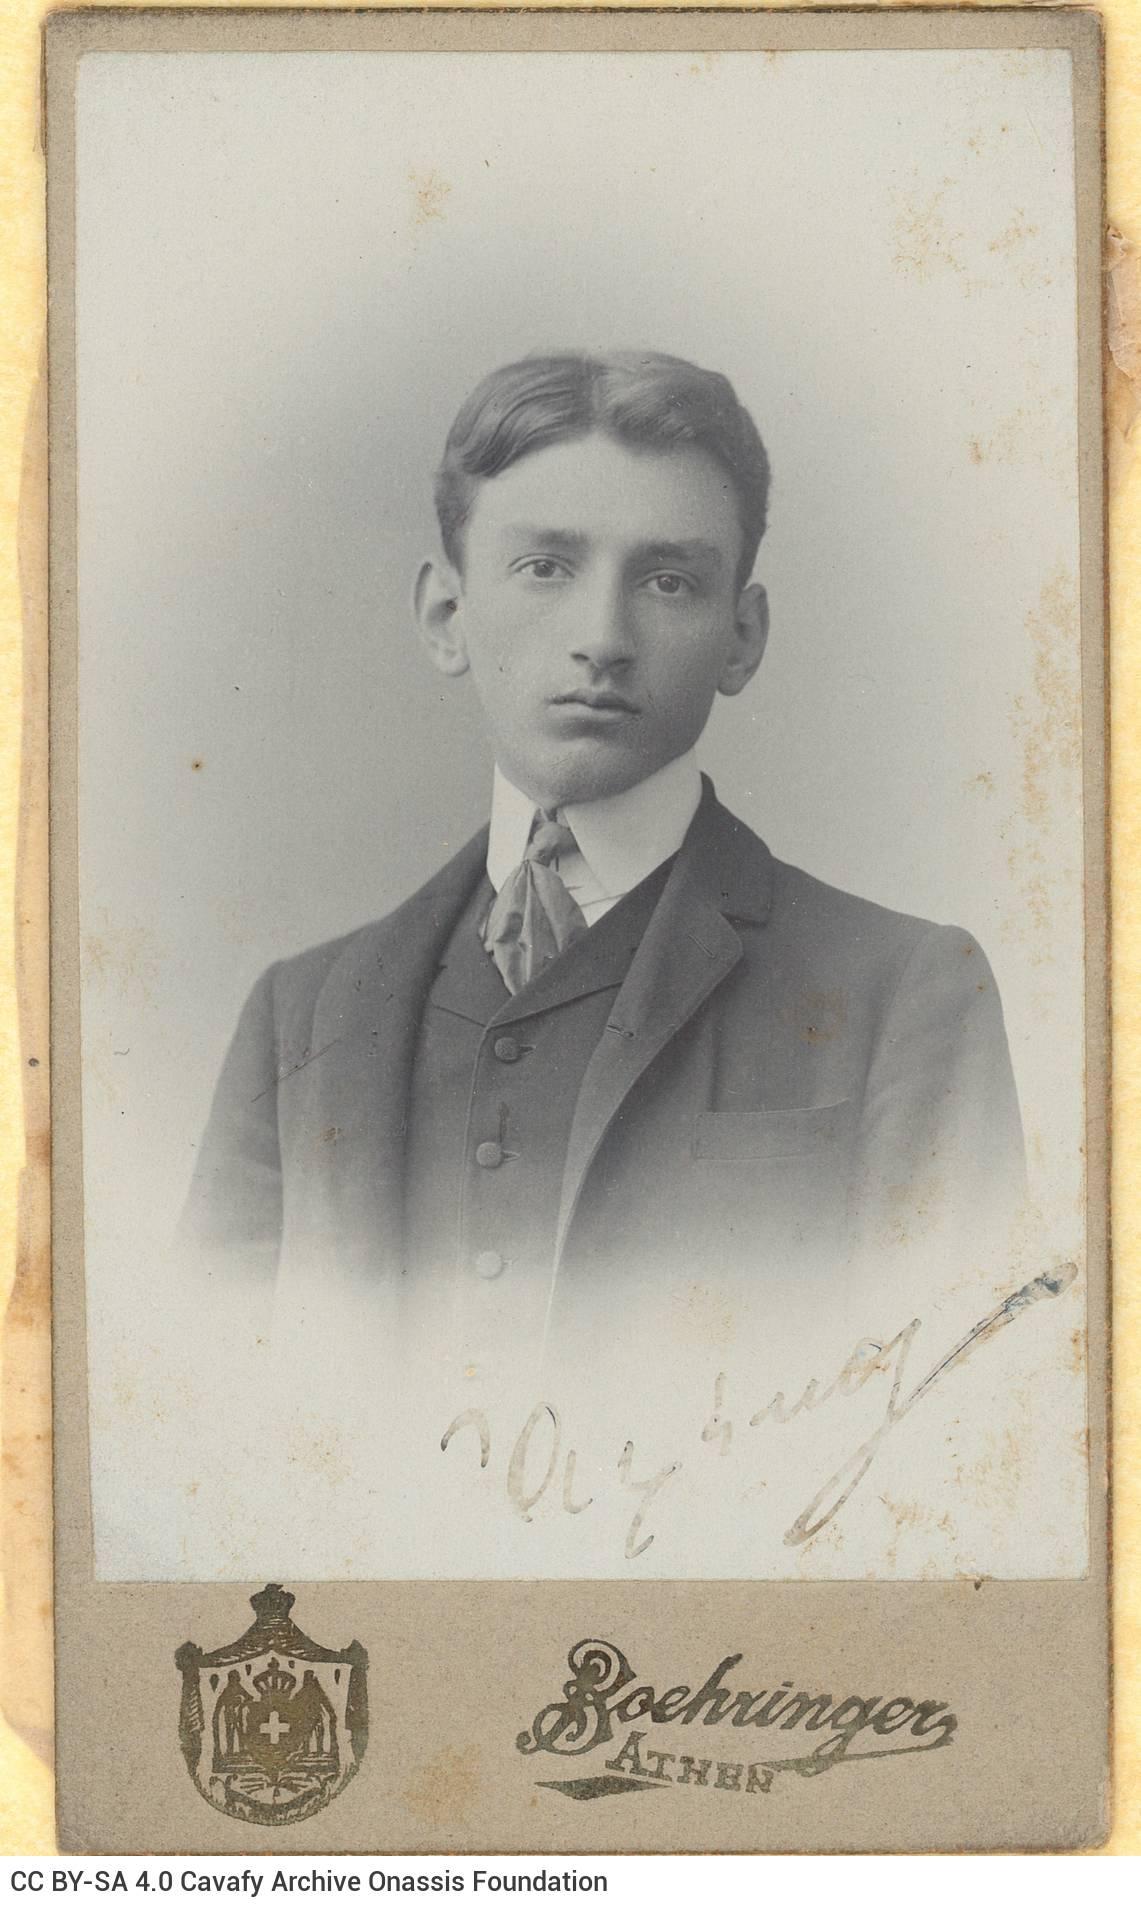 Φωτογραφικό πορτρέτο αγοριού με κοστούμι και γραβάτα, που φέρει τη χ